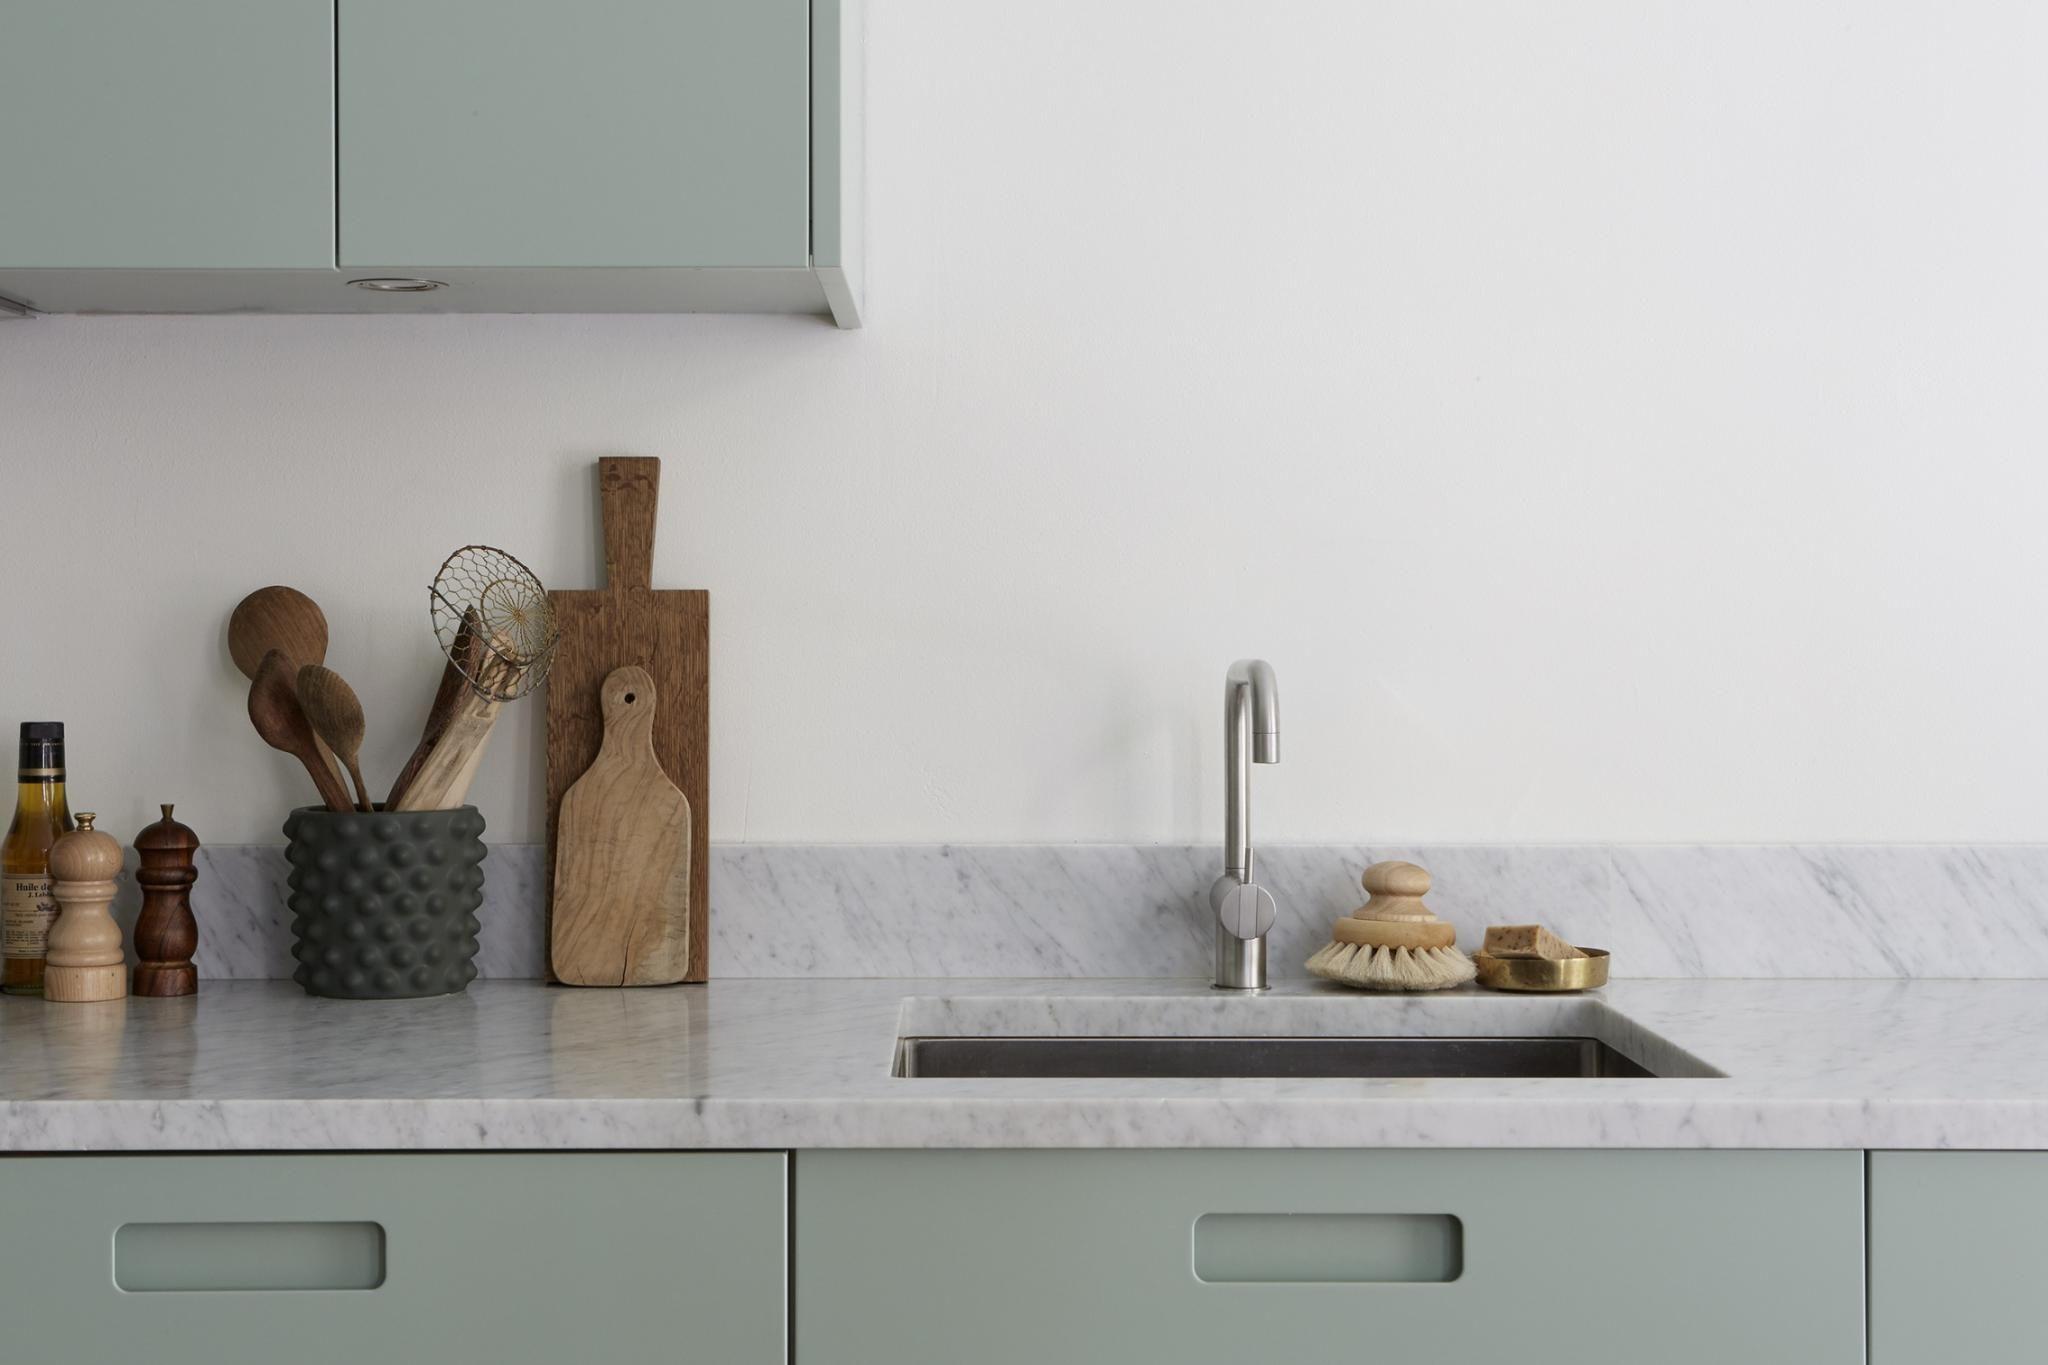 Moderne mintgroene keuken met een marmeren werkblad keuken